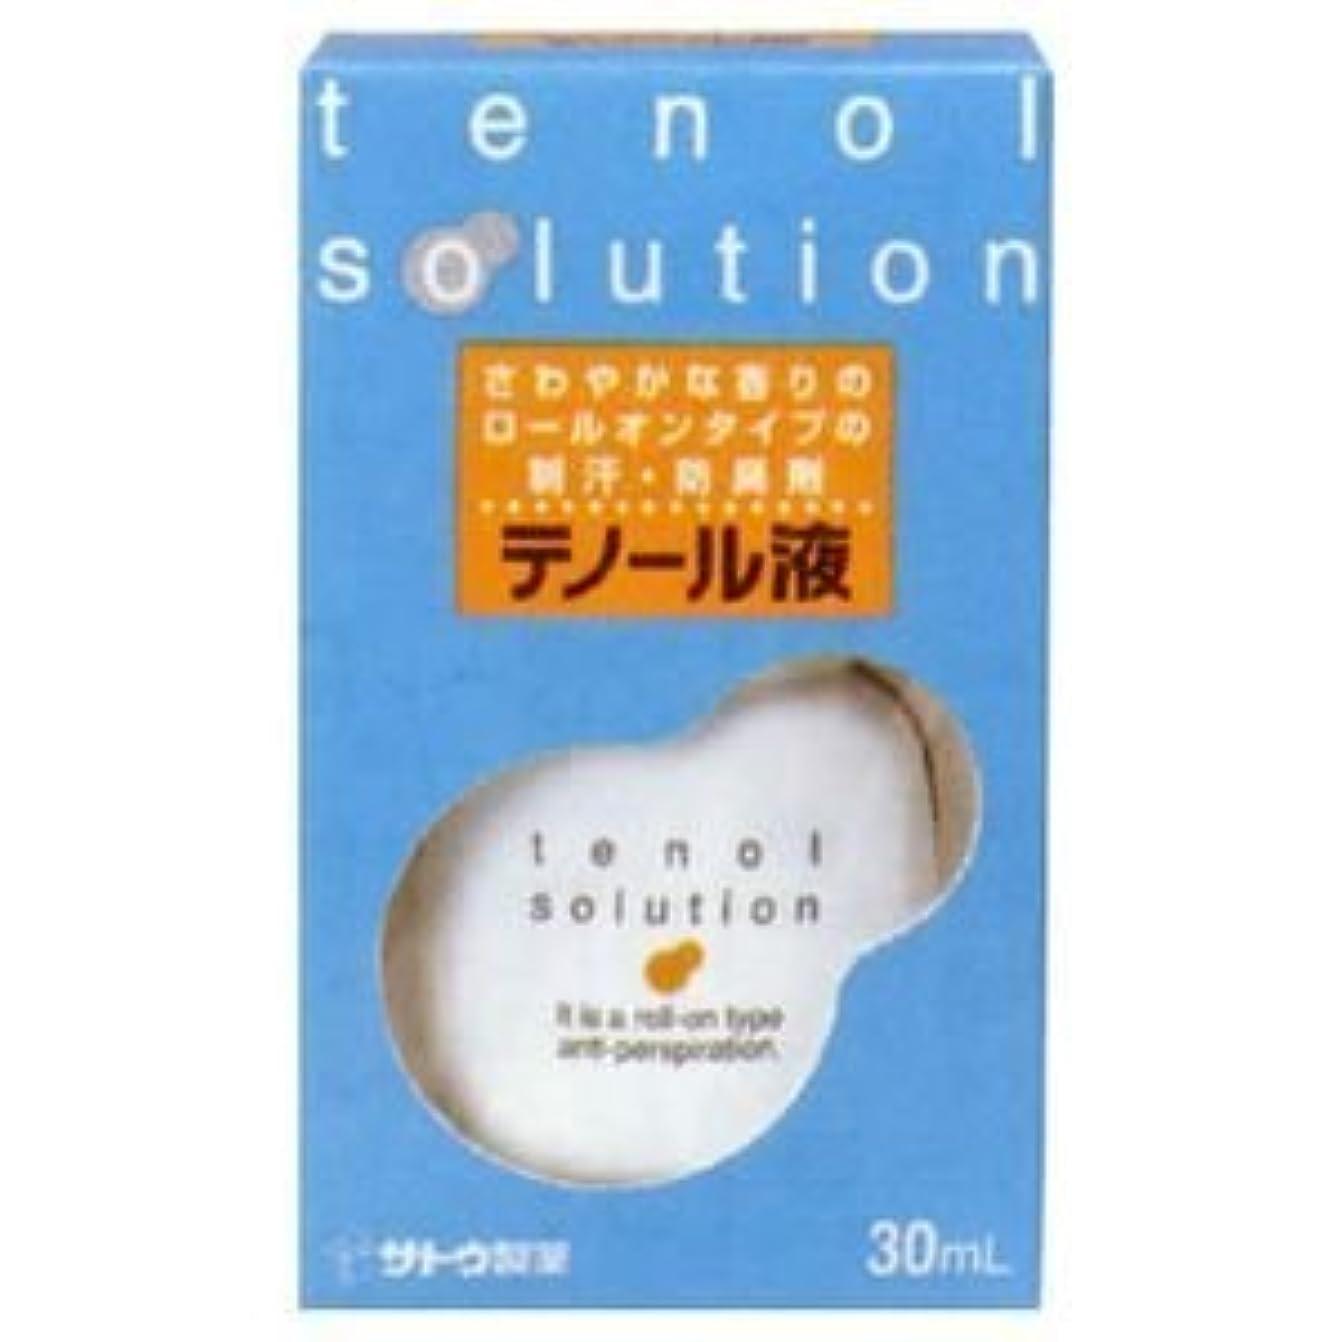 グラフィック微生物津波佐藤製薬 テノール液(30ml)×2